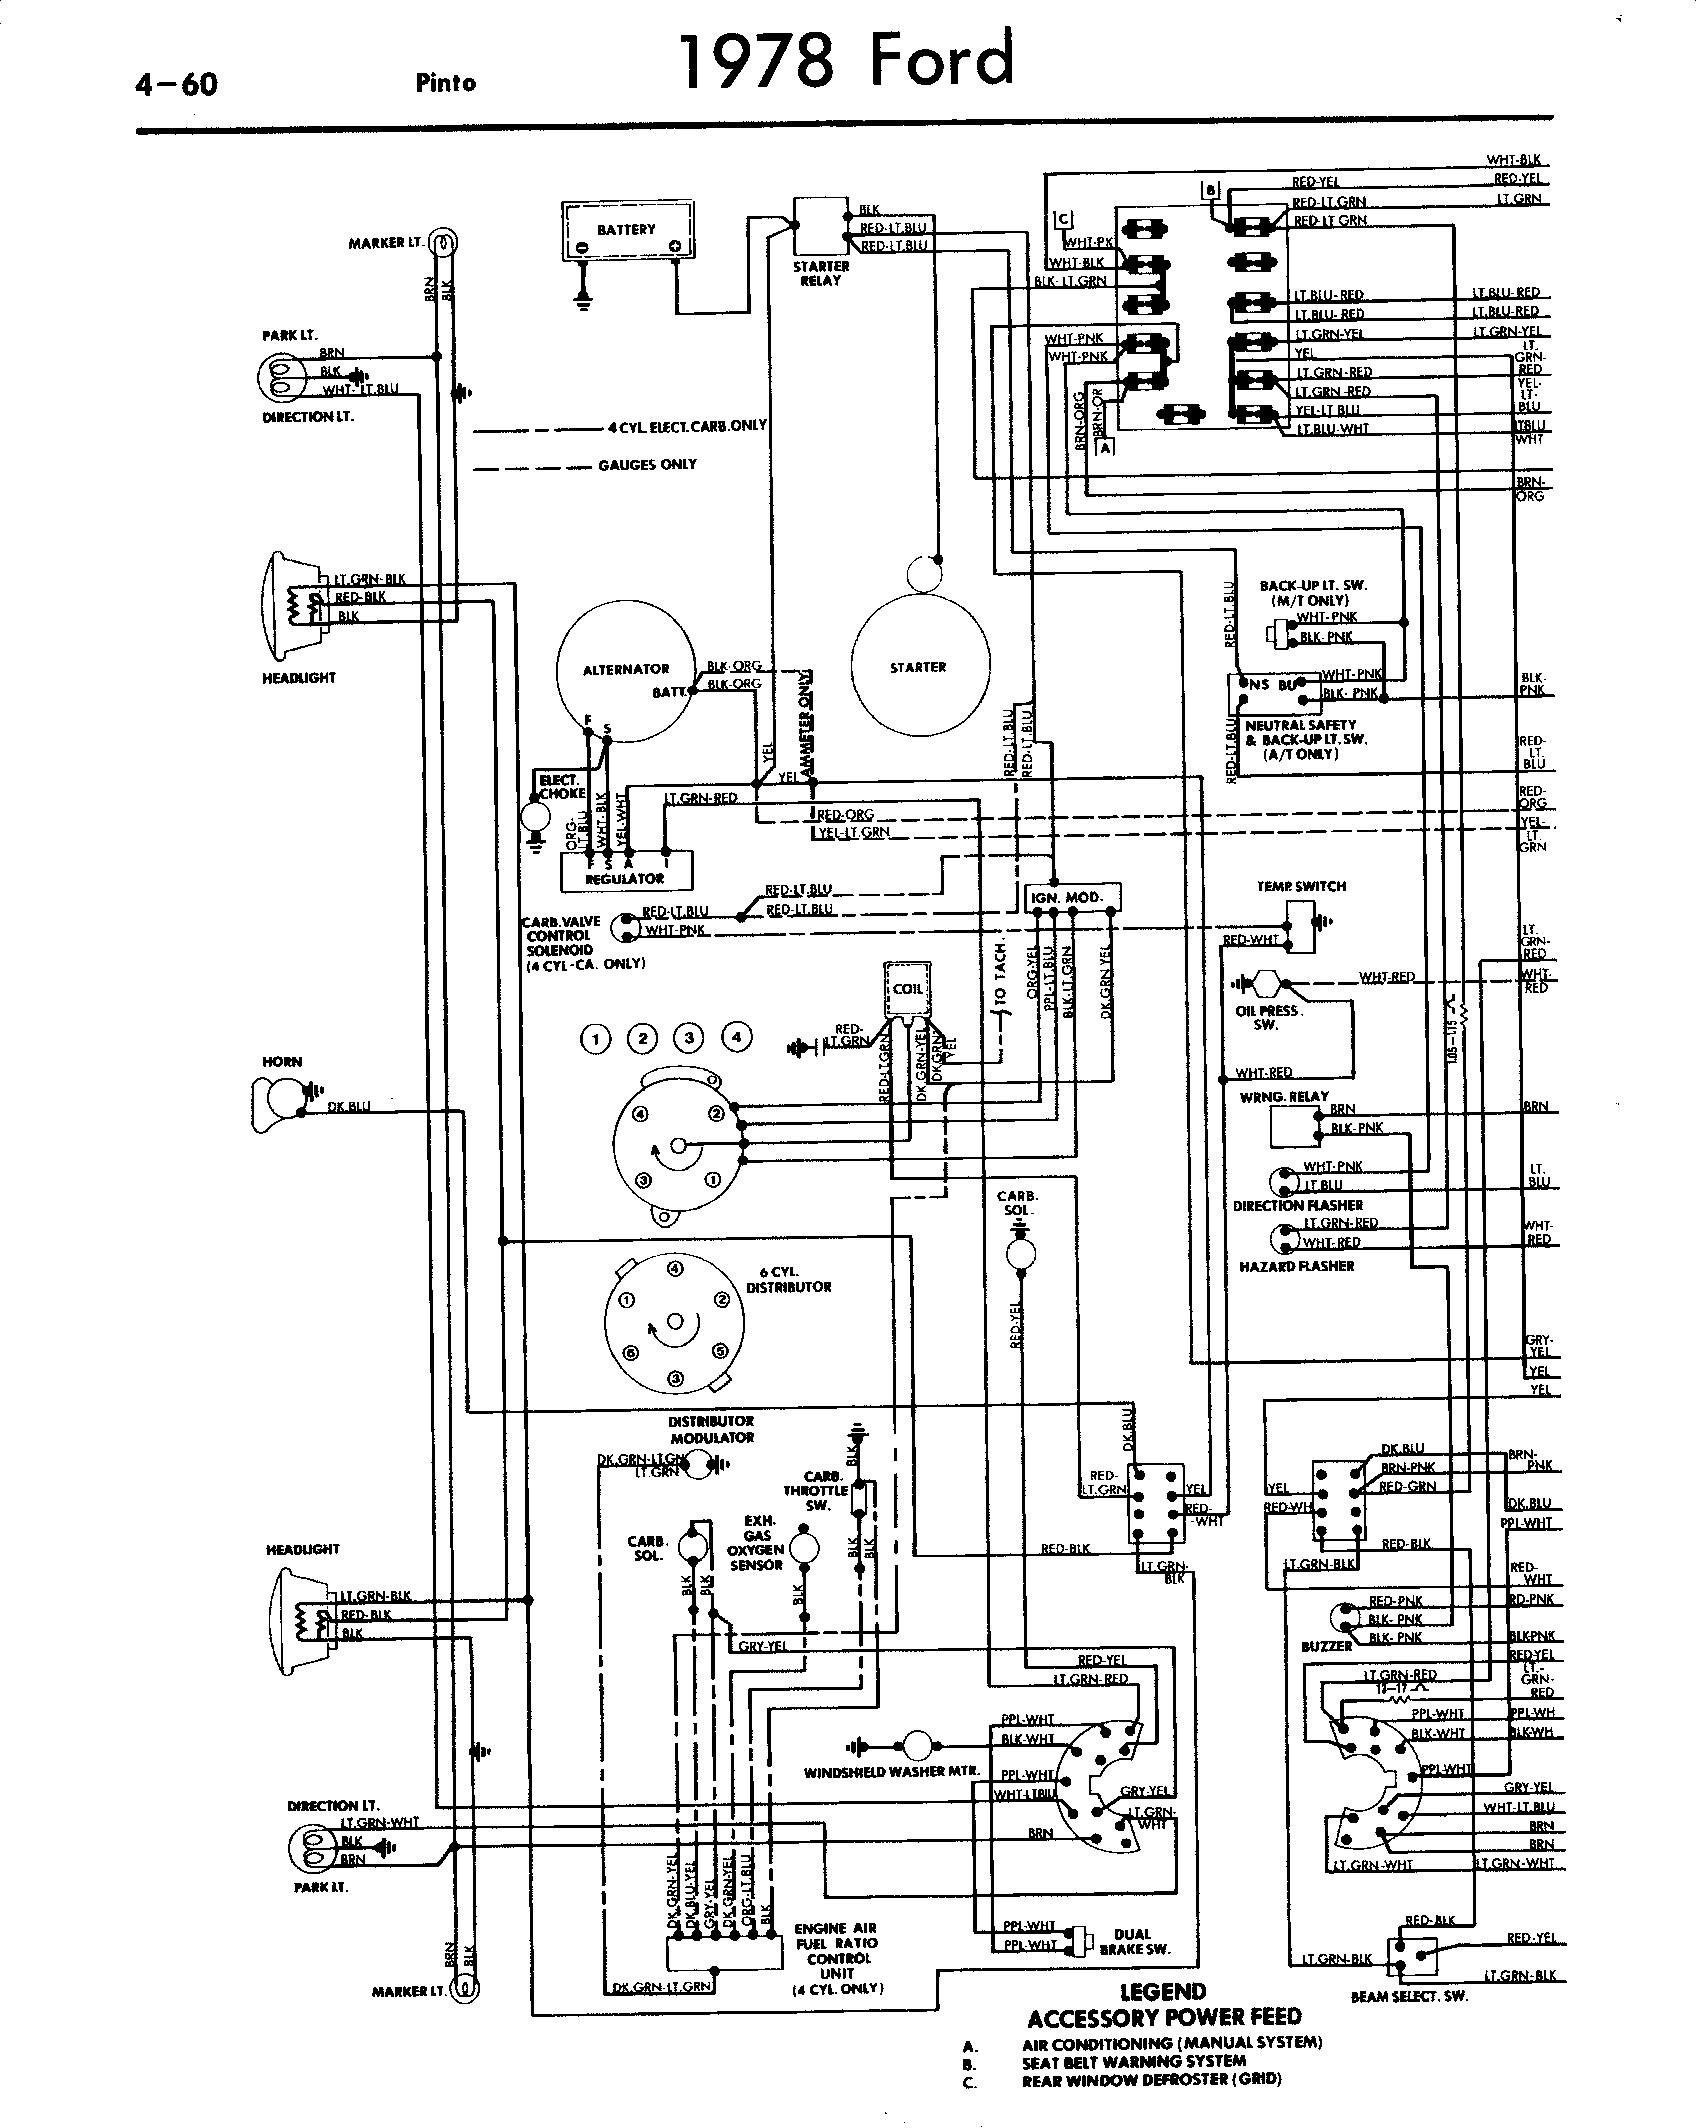 1971 Ford Pinto Wiring Diagram - Switch Wiring Diagram Usb Hub for Wiring  Diagram SchematicsWiring Diagram Schematics